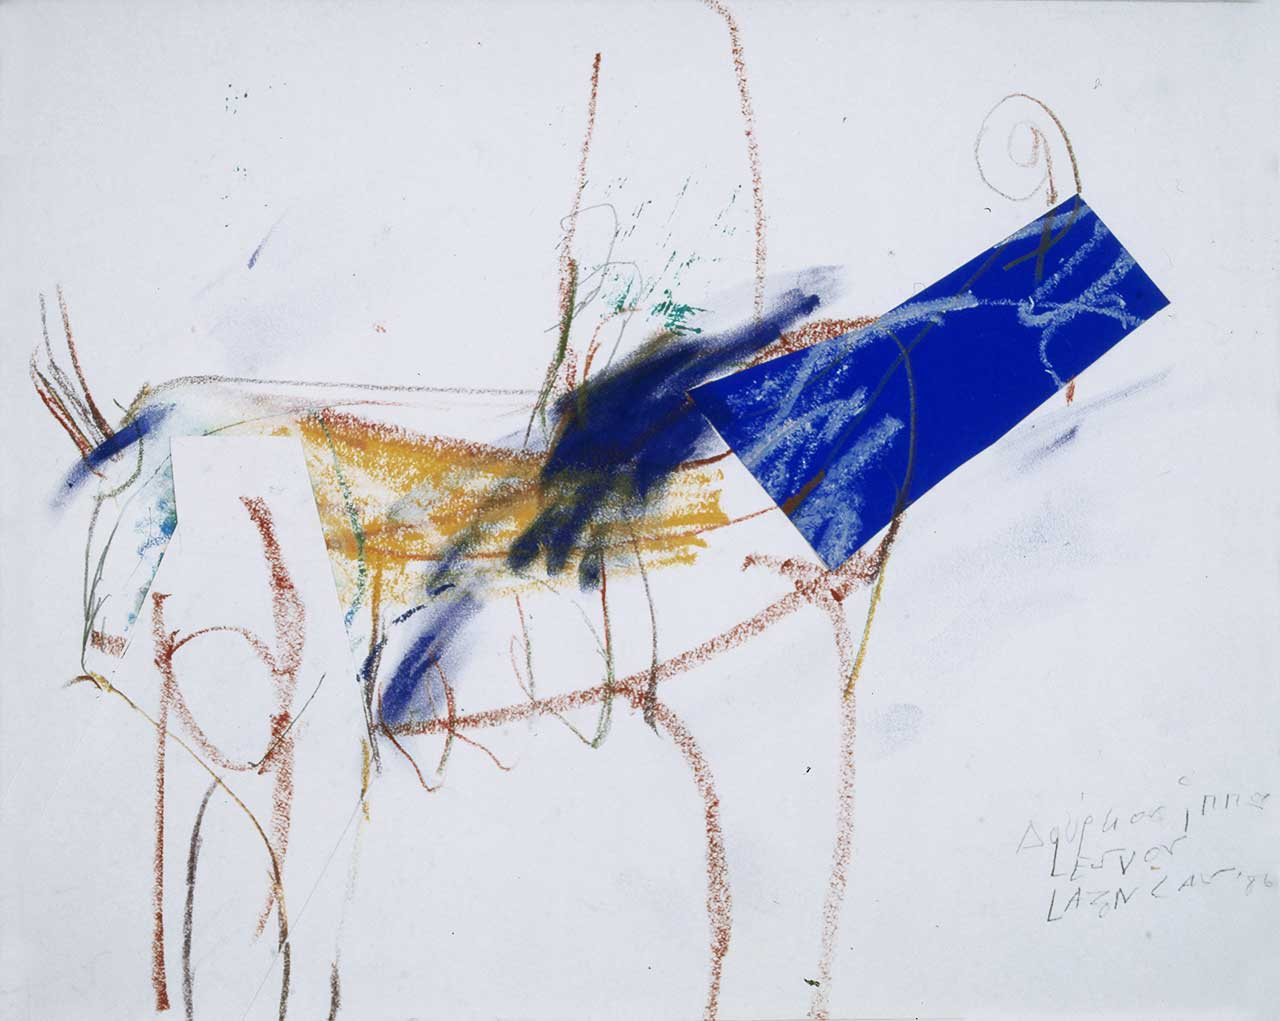 Δούρειος Ίππος, 1986, σχέδιο/κολάζ, 22,5x29 εκ.